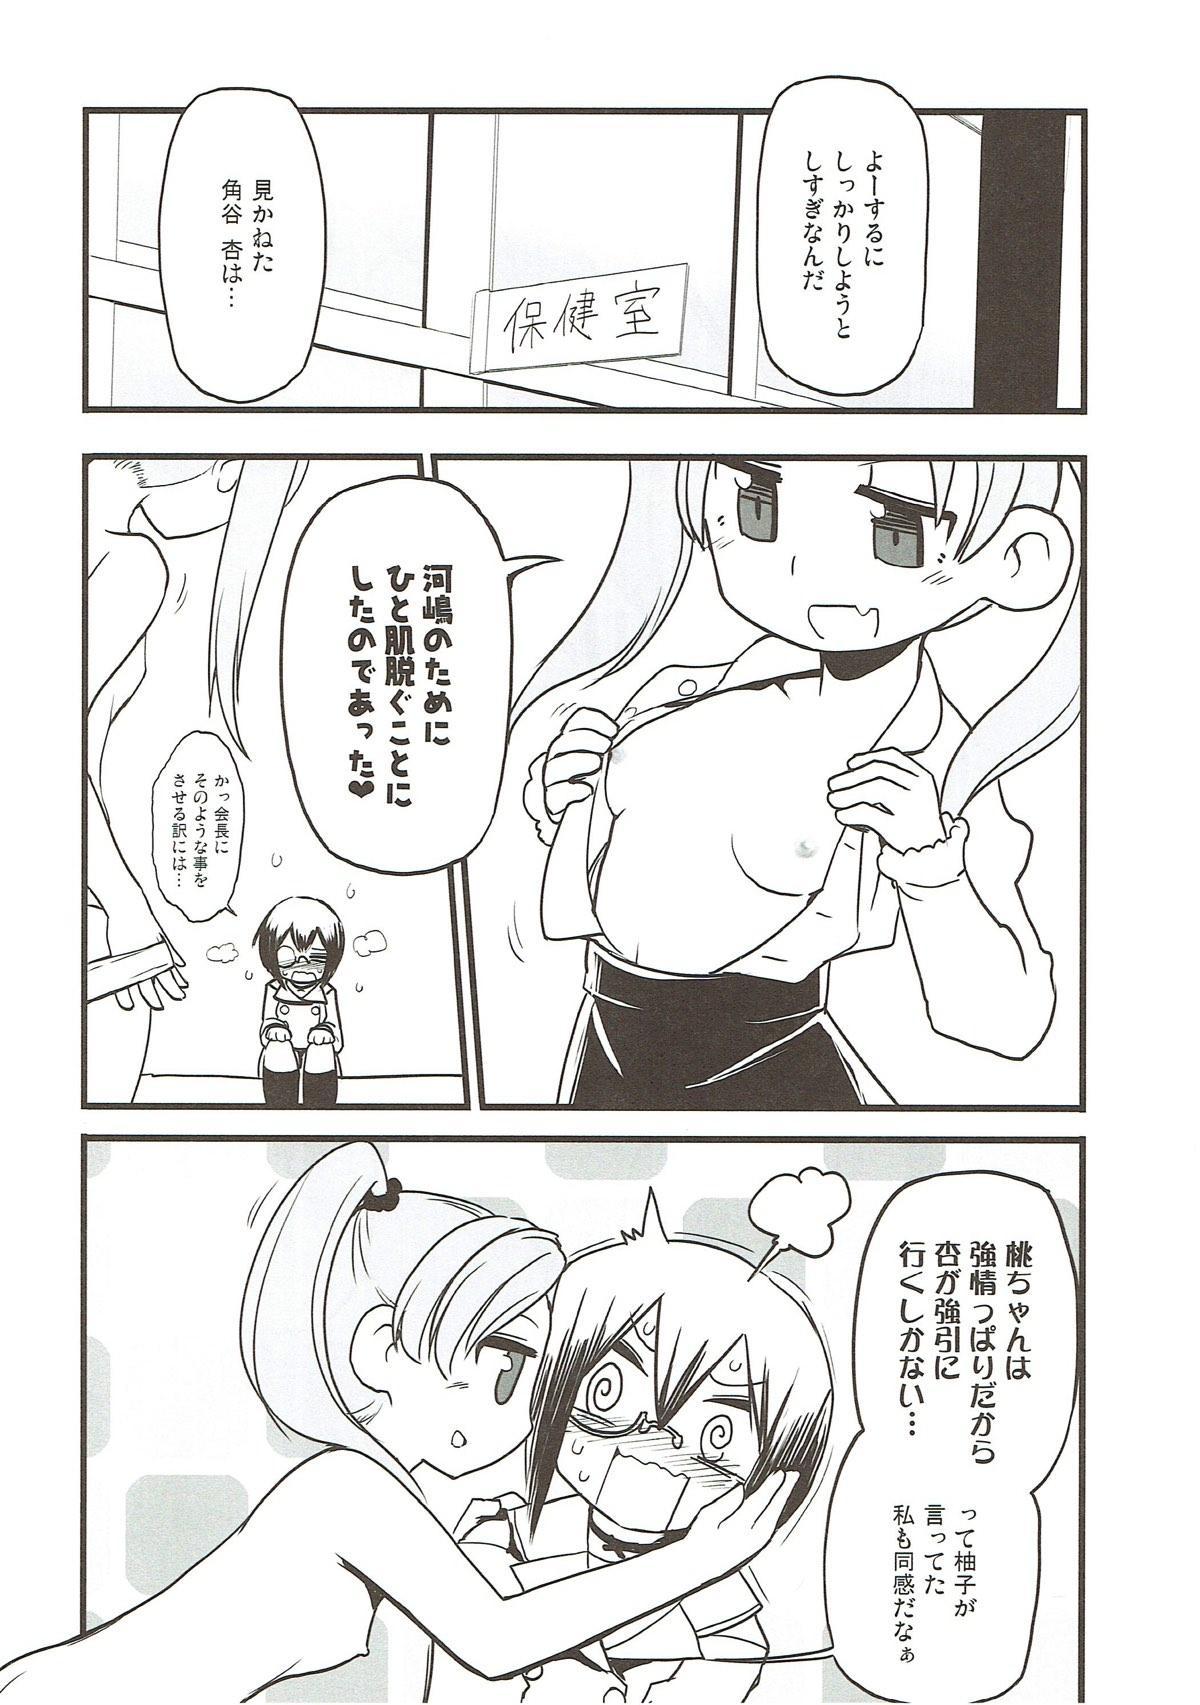 Kyou AnMomo wa Yuri Ecchi o Suru. 6